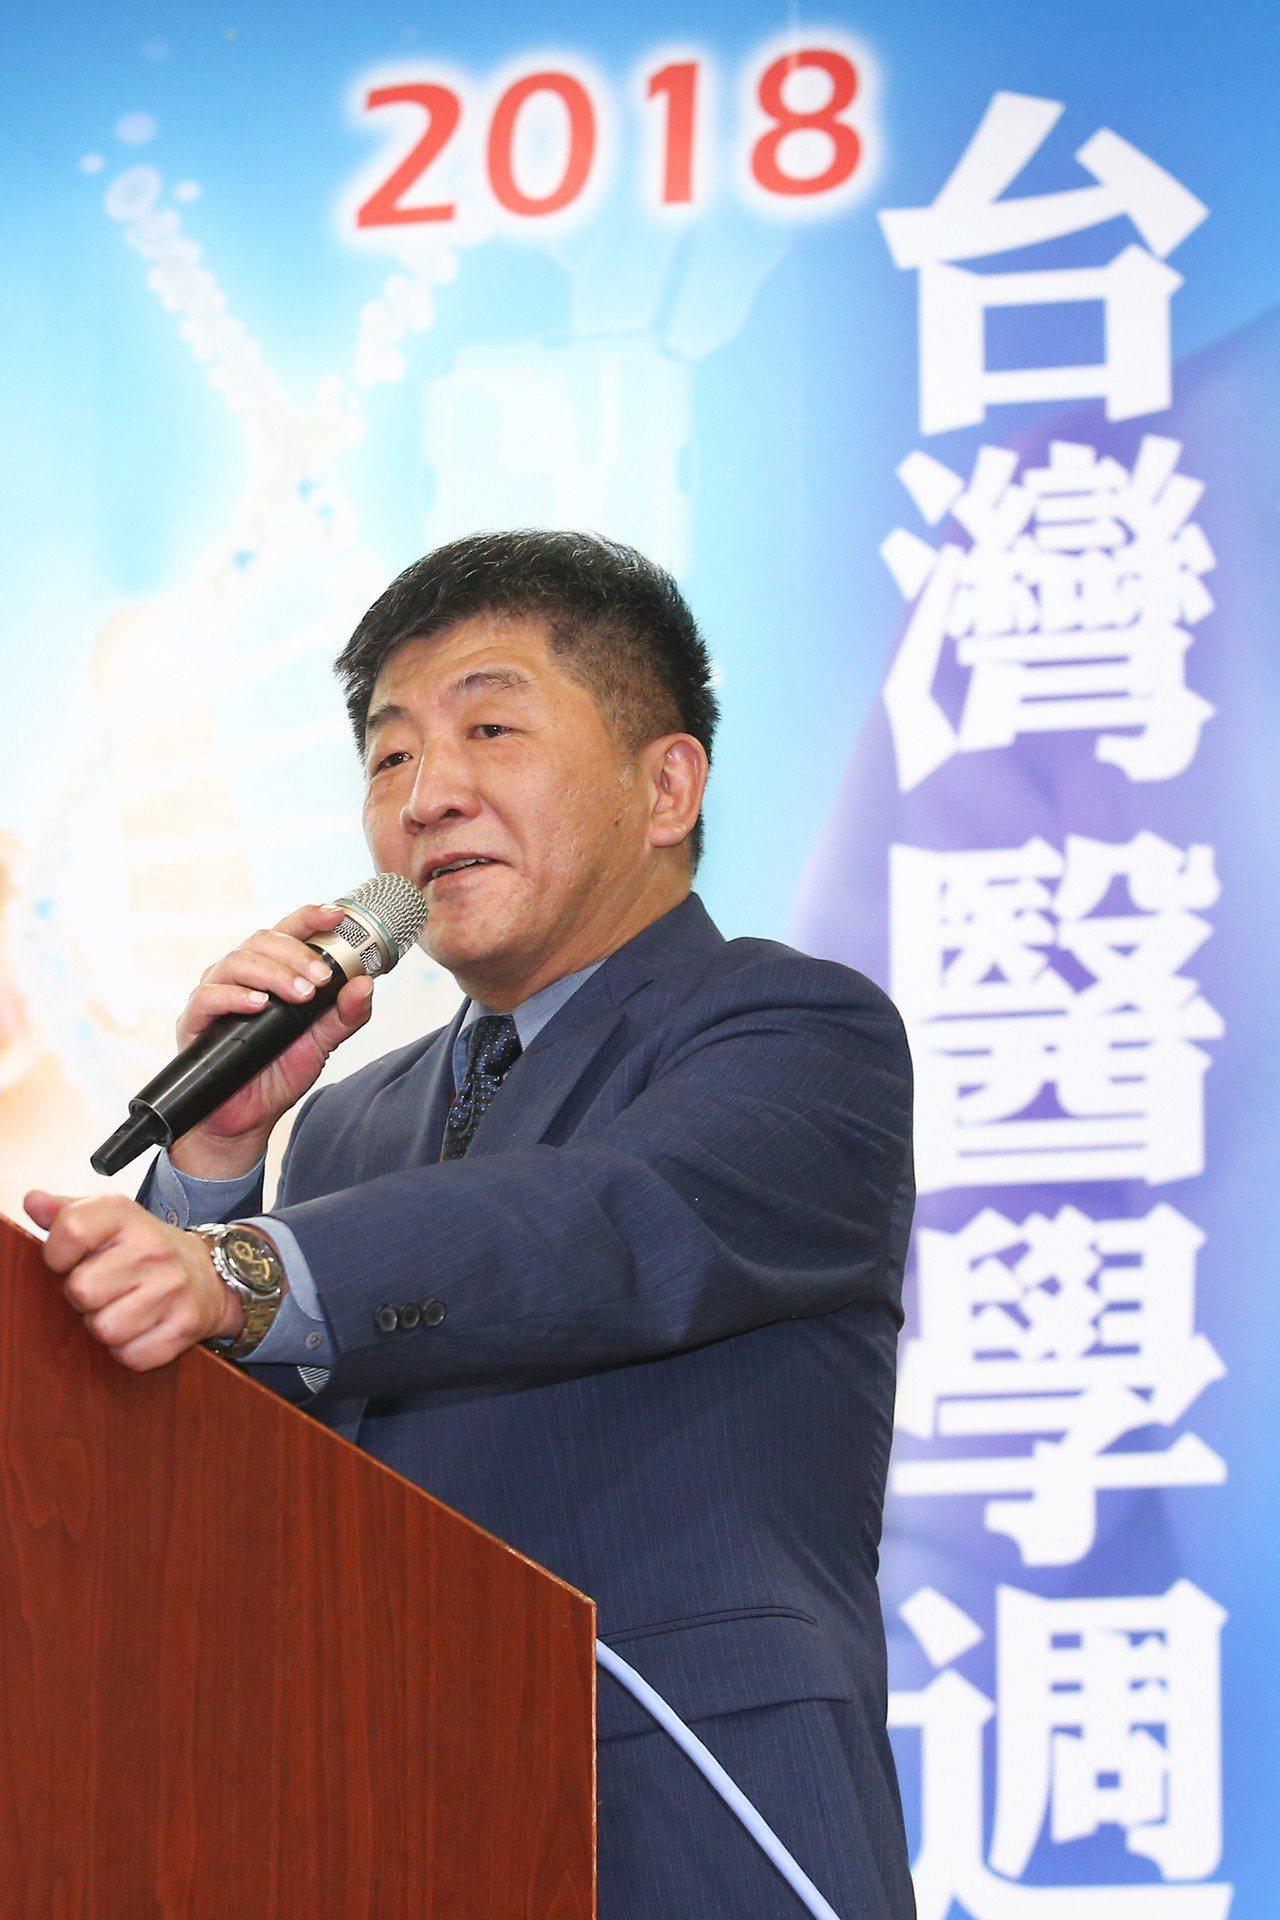 衛福部長陳時中昨天上午出席2018台灣醫學週學術演講會活動。記者王騰毅/攝影